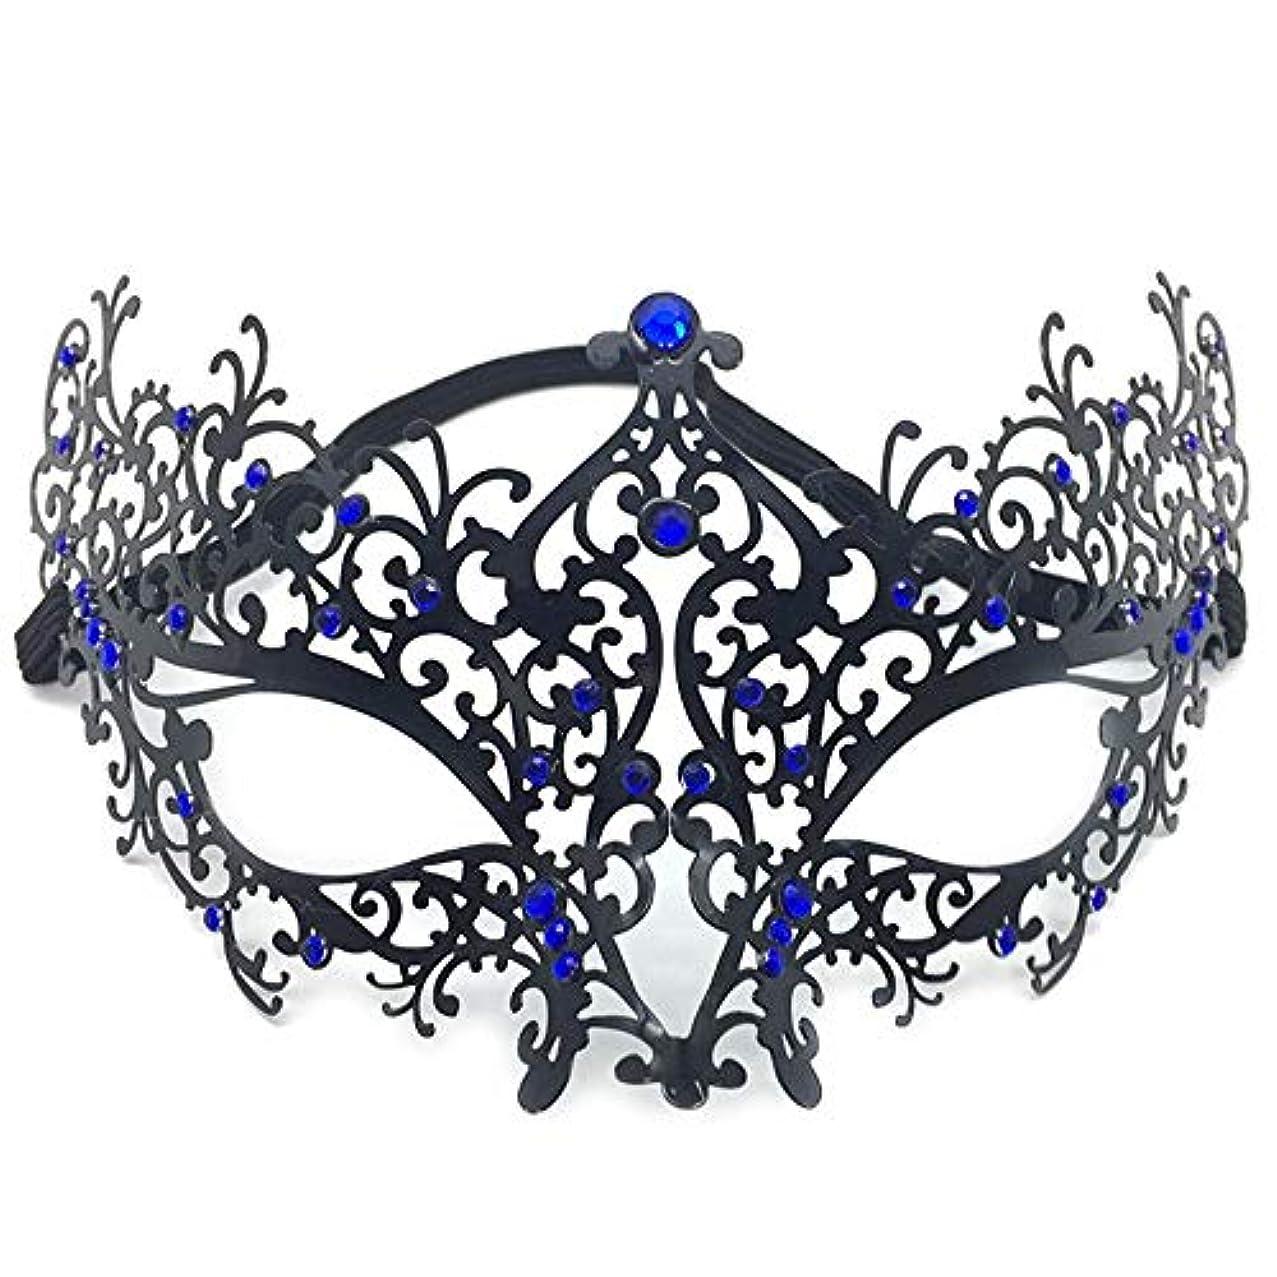 ペンスアプローチ蒸留仮面舞踏会アイアンマスクパーティーCOSはメタリックダイヤモンドハーフフェイスハロウィンアイアンマスクをドレスアップ (Color : B)